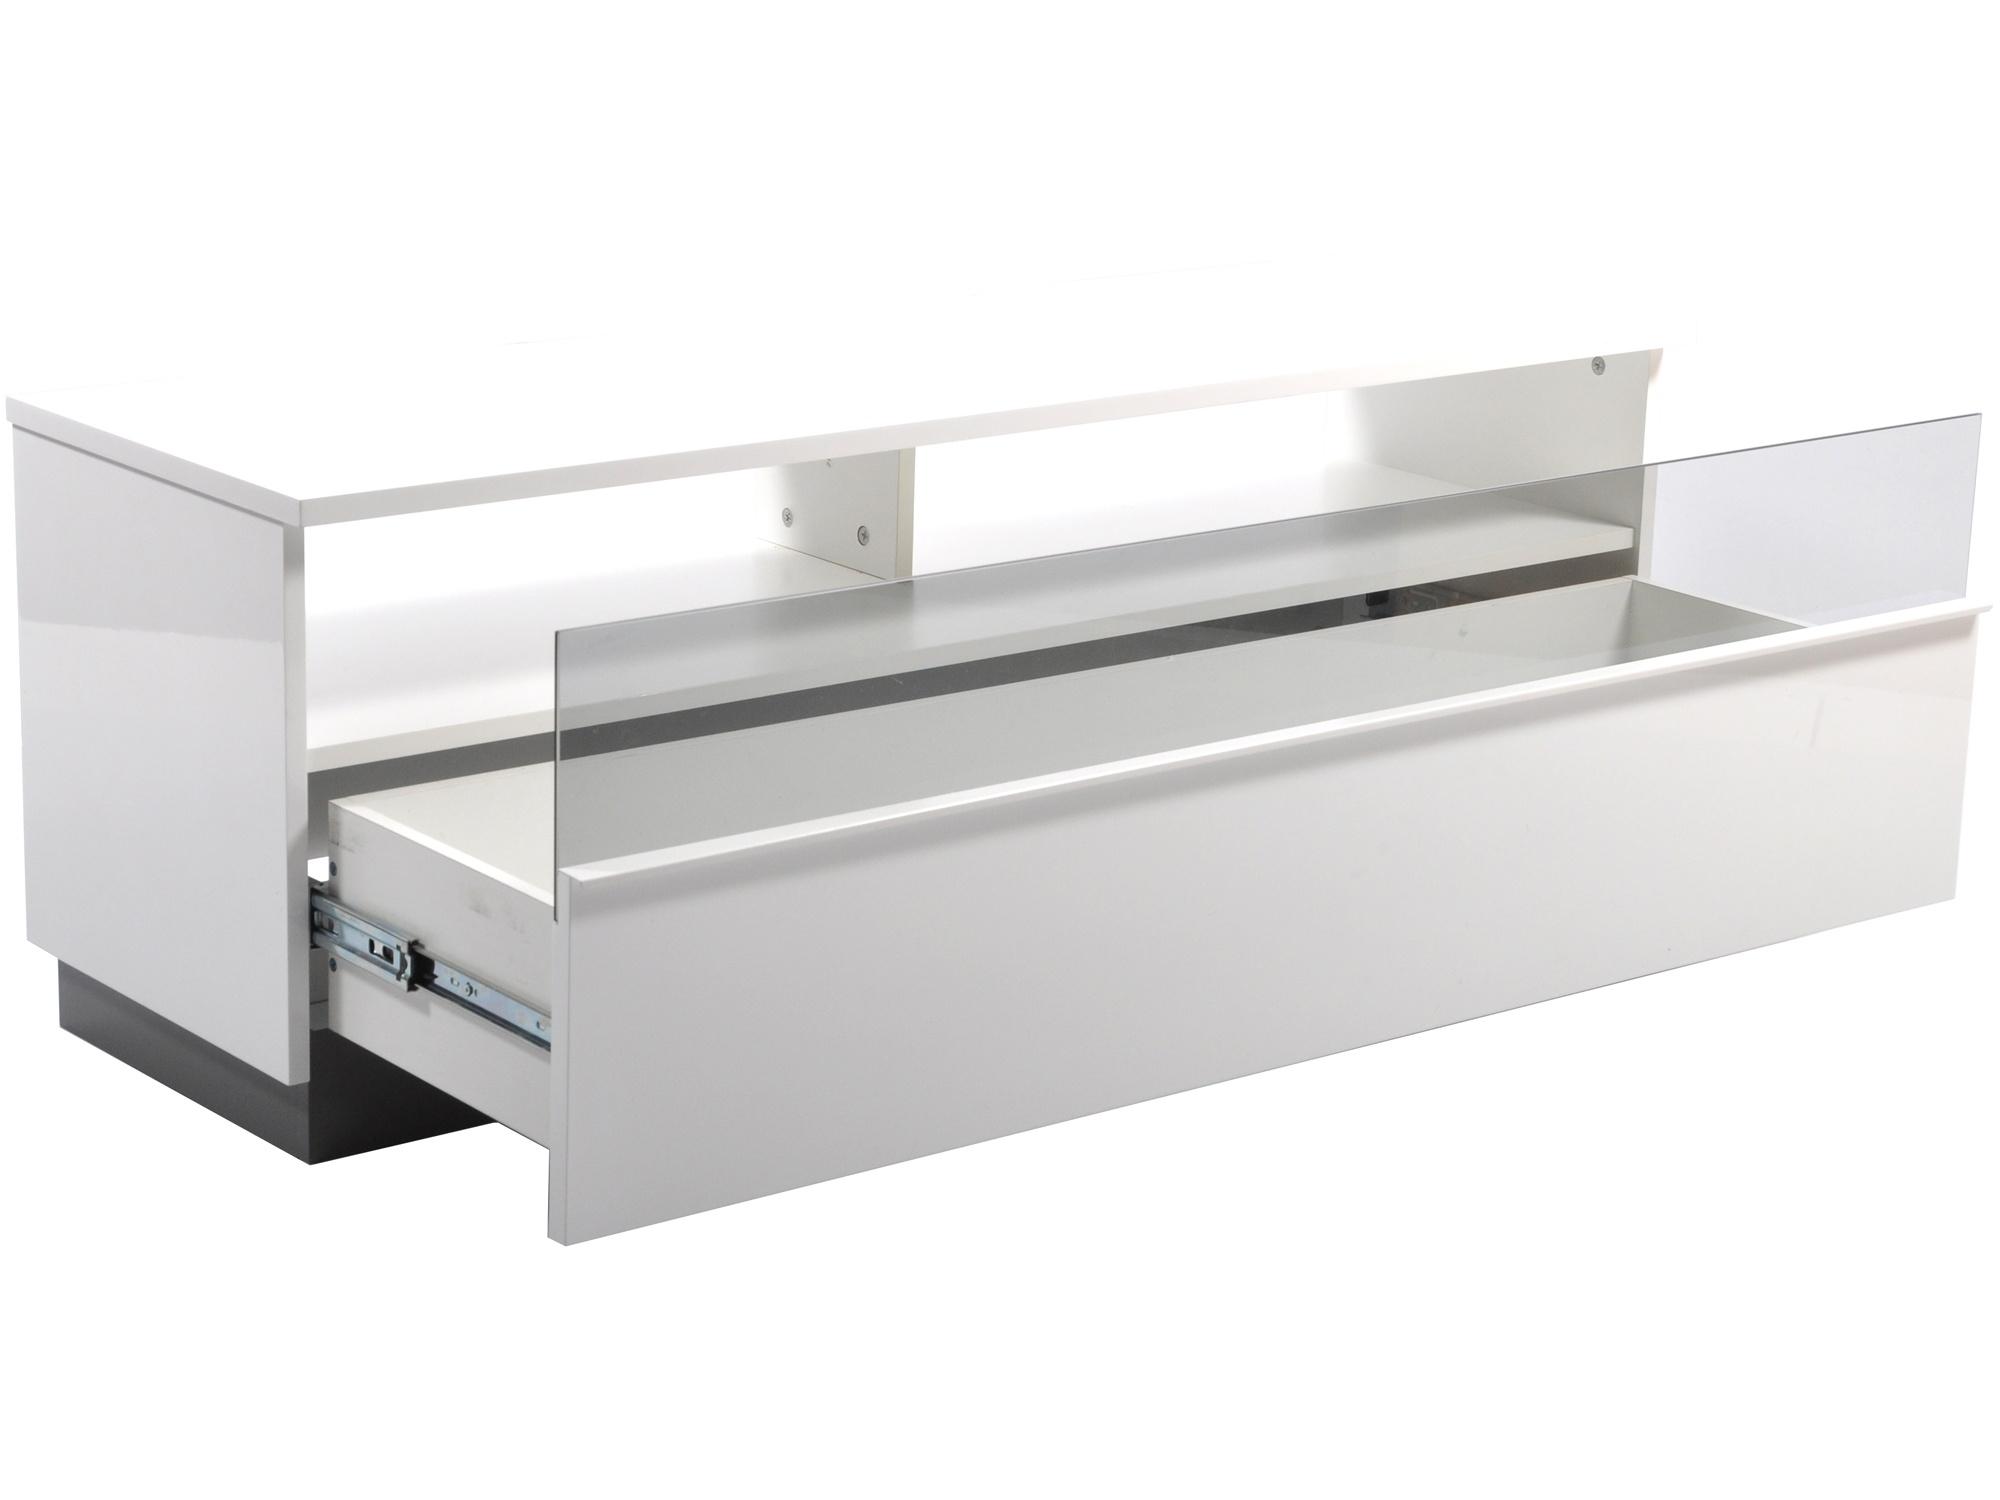 Decibel Mediabänk 125 VIT med Sockel, Glasfront, Låda Fri Frakt! EDCON SE Webshop